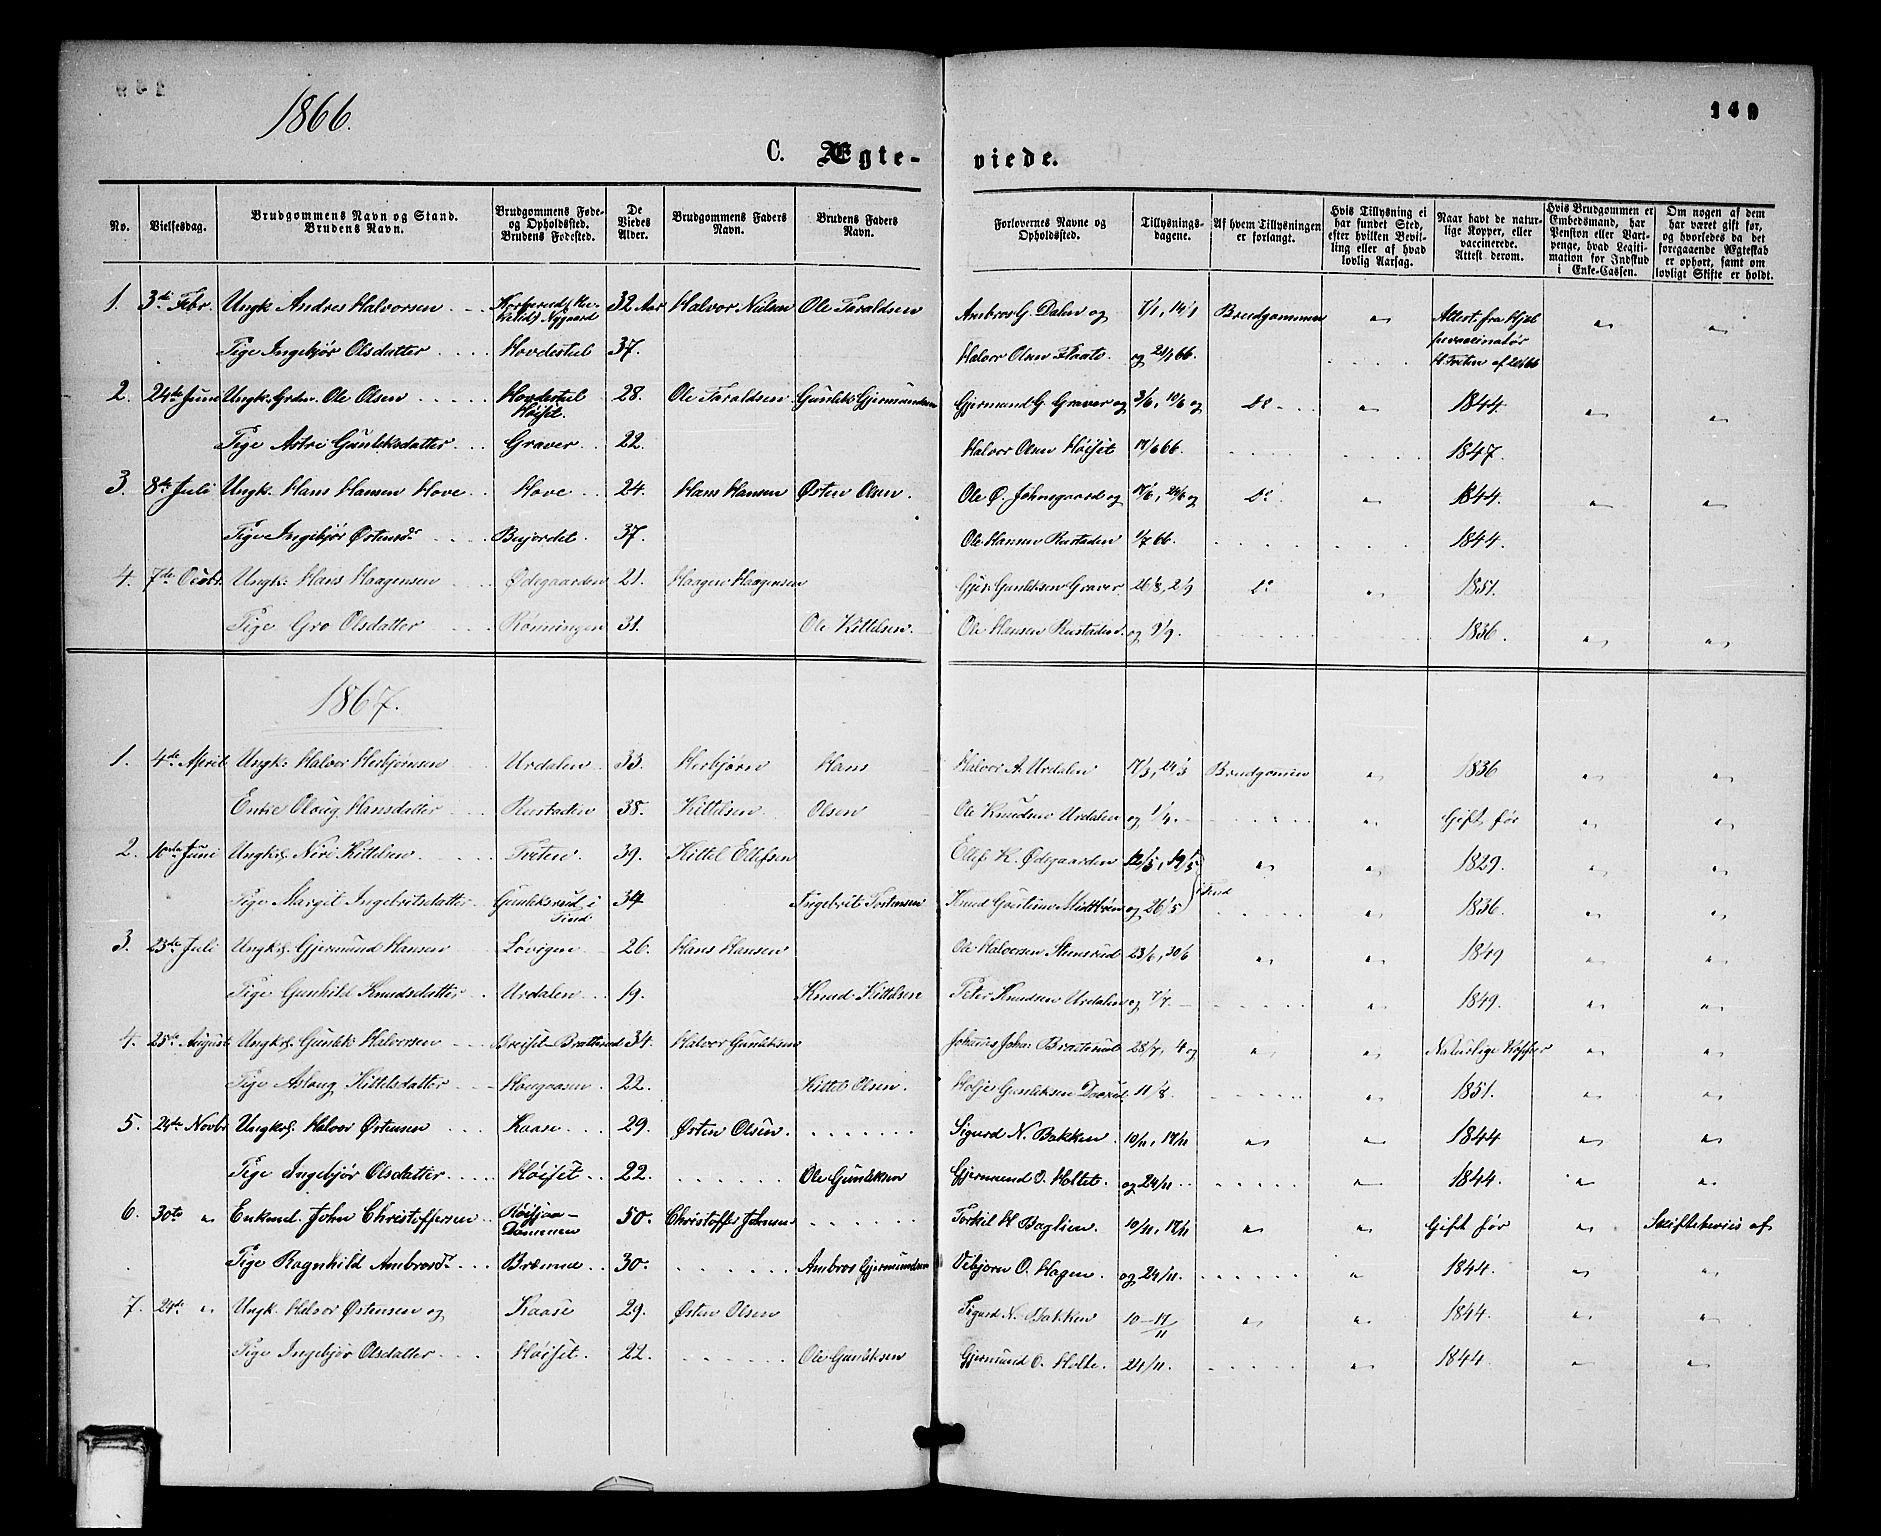 SAKO, Gransherad kirkebøker, G/Gb/L0002: Klokkerbok nr. II 2, 1860-1886, s. 149